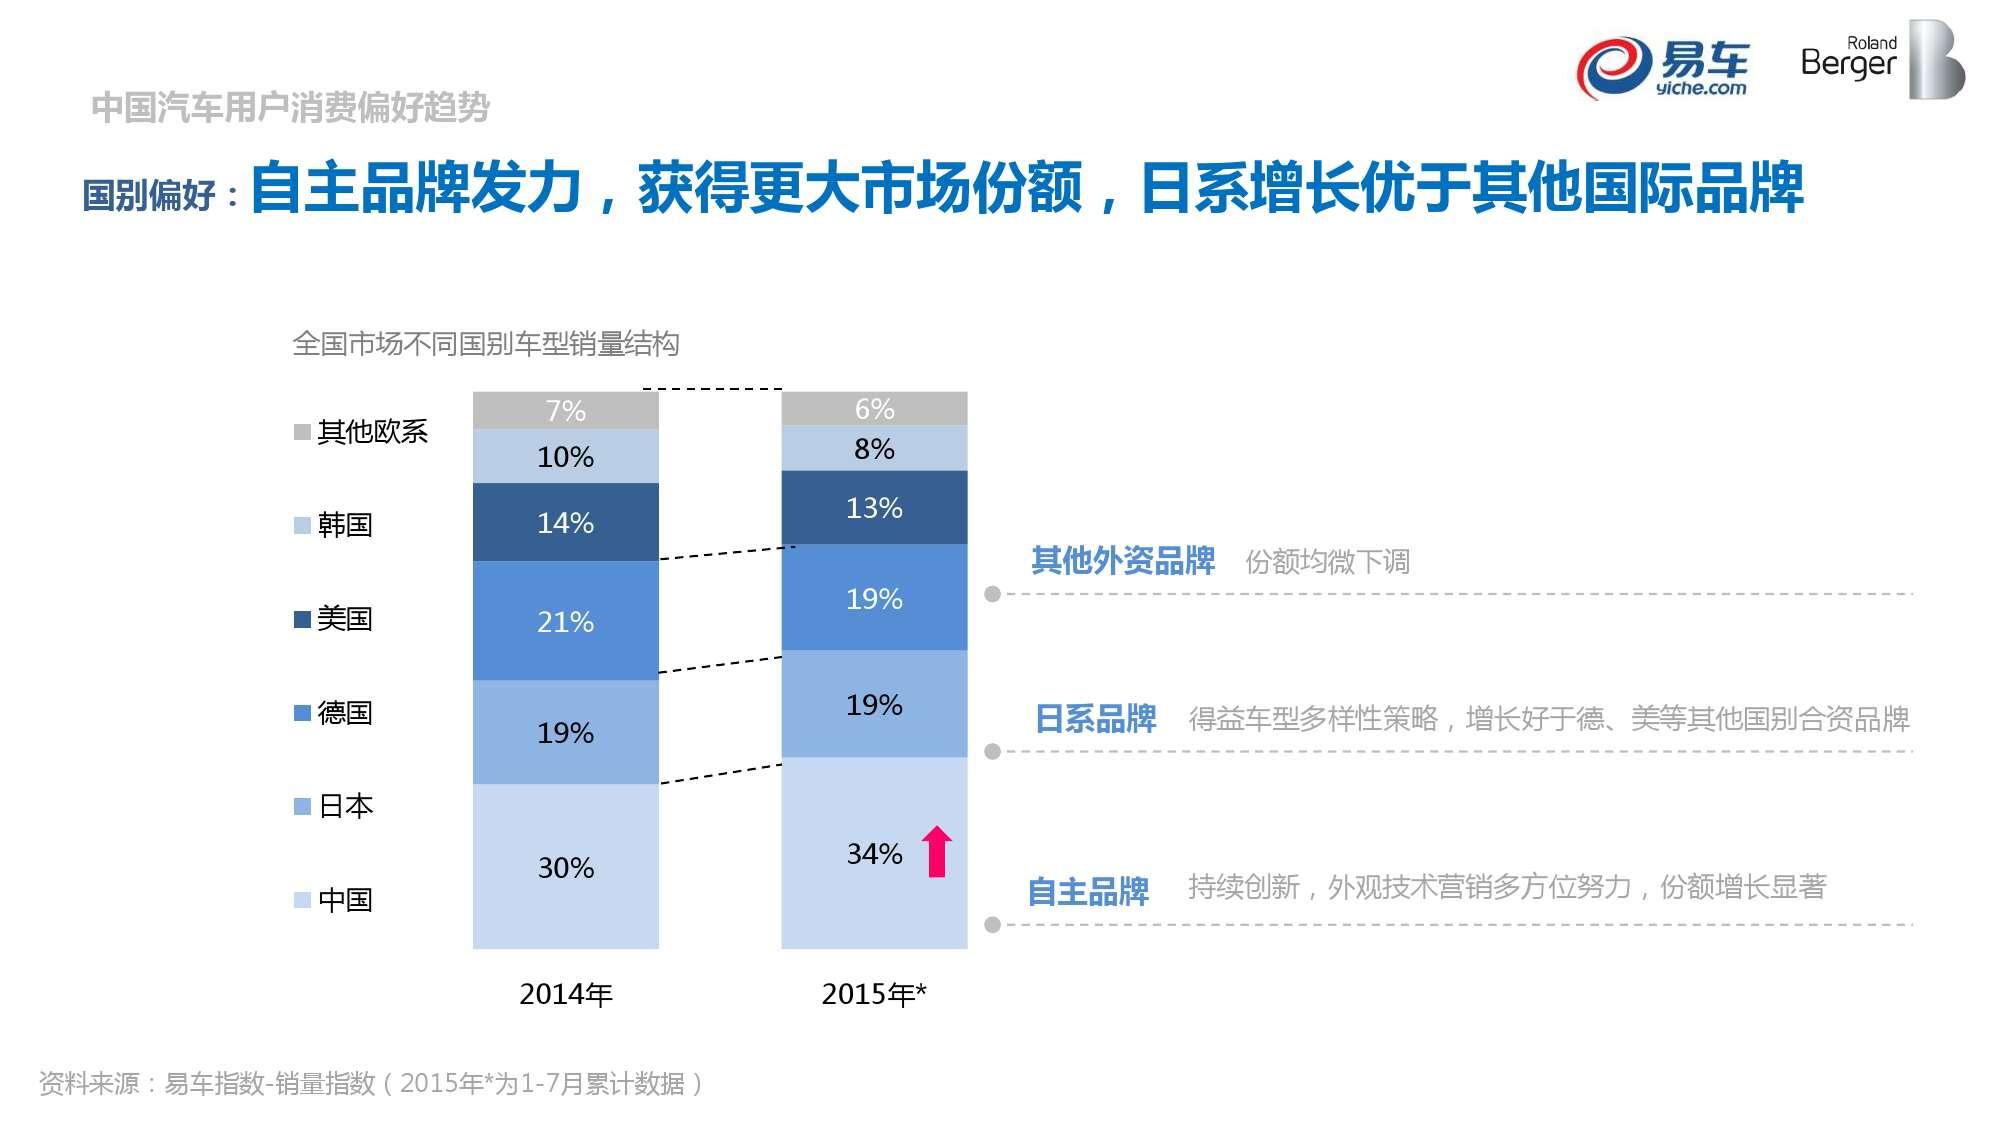 2015中国汽车消费者洞察报告_000010